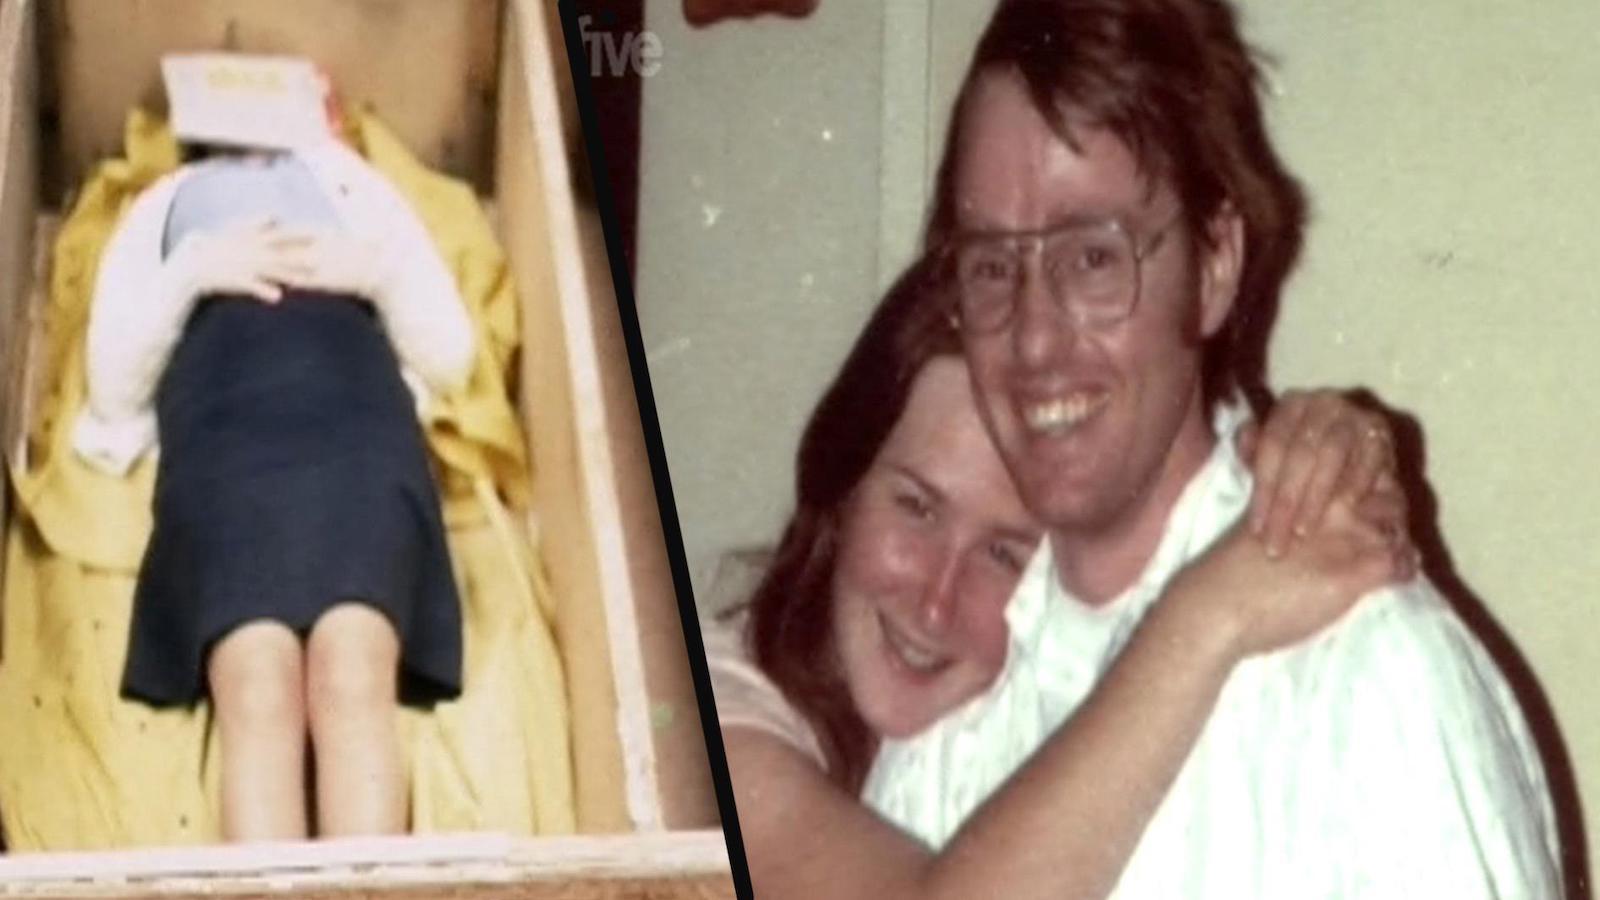 Colleen Stan, la joven secuestrada que fue violada y obligada a vivir dentro de un ataúd